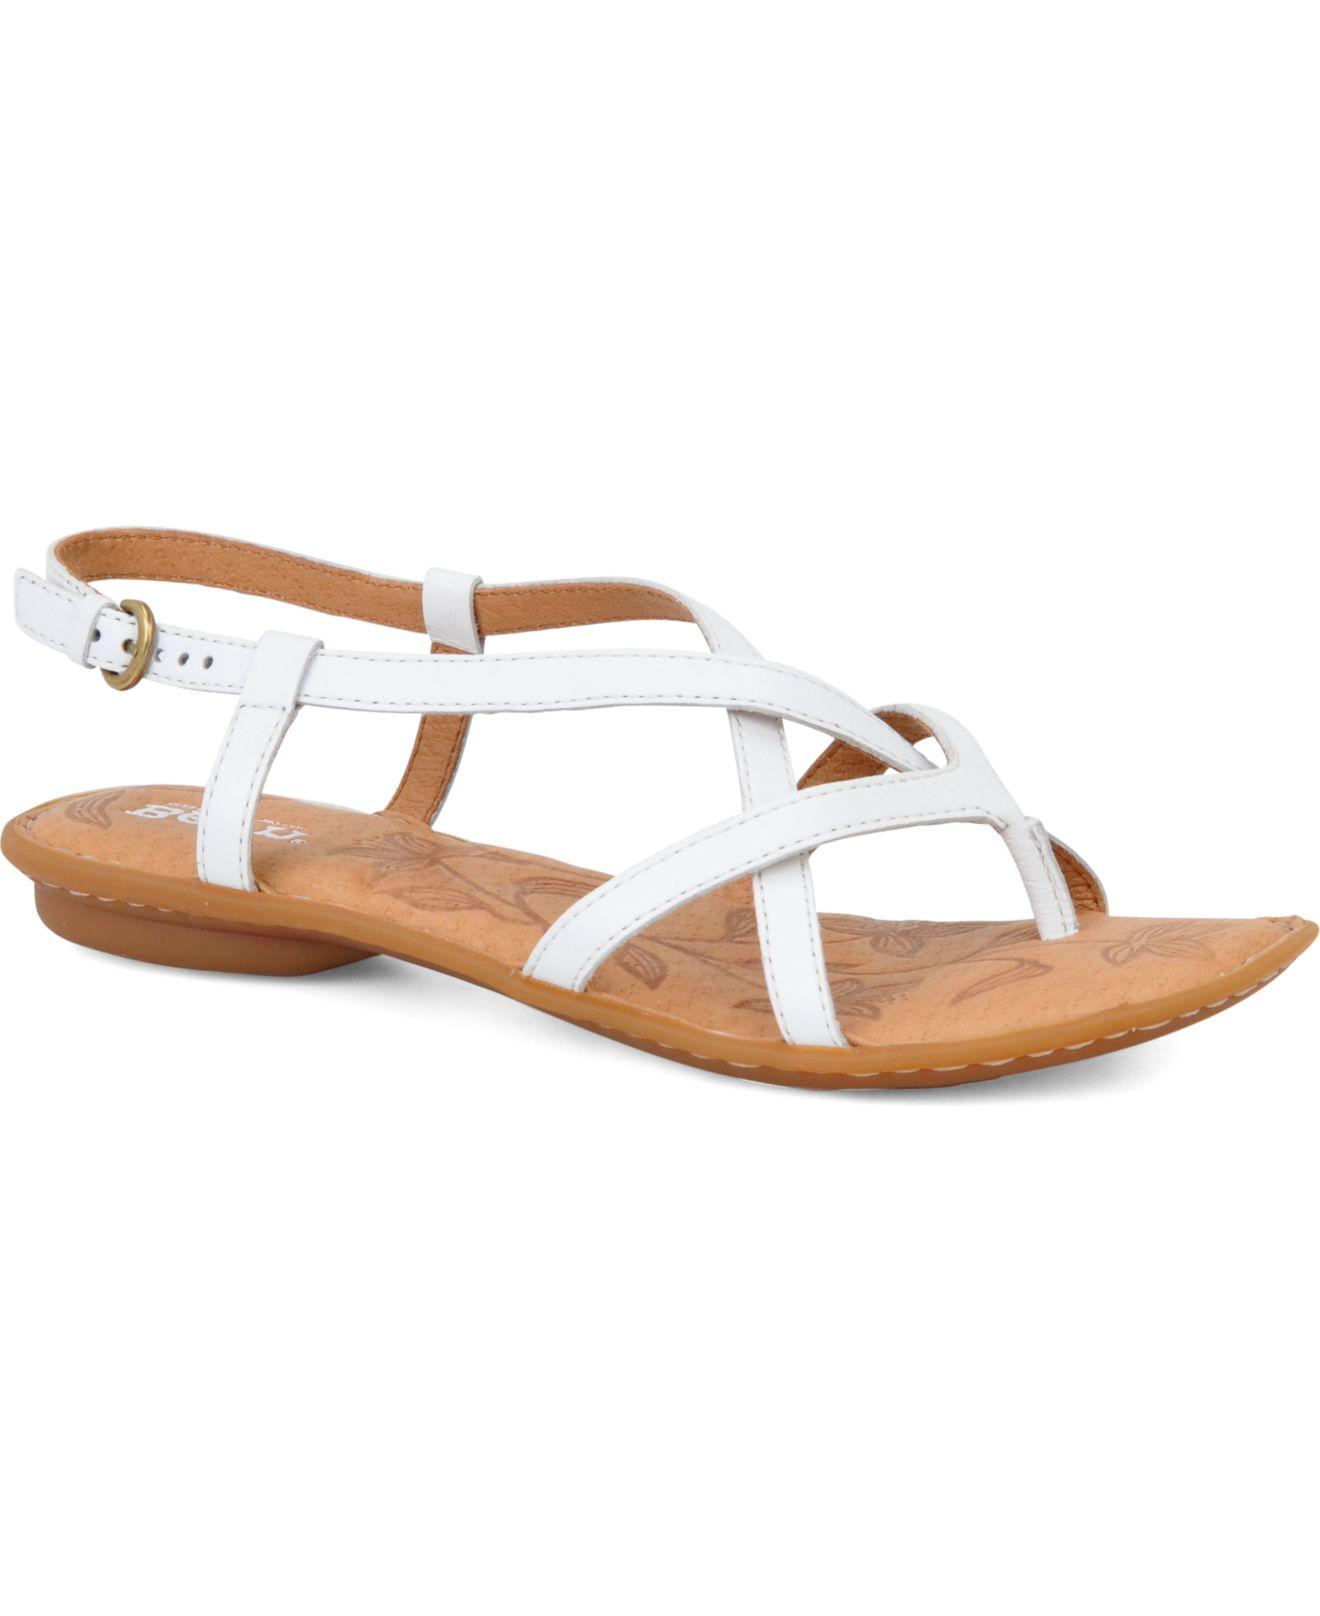 9b804af848fd Lyst - Born Mai Flat Sandals in White